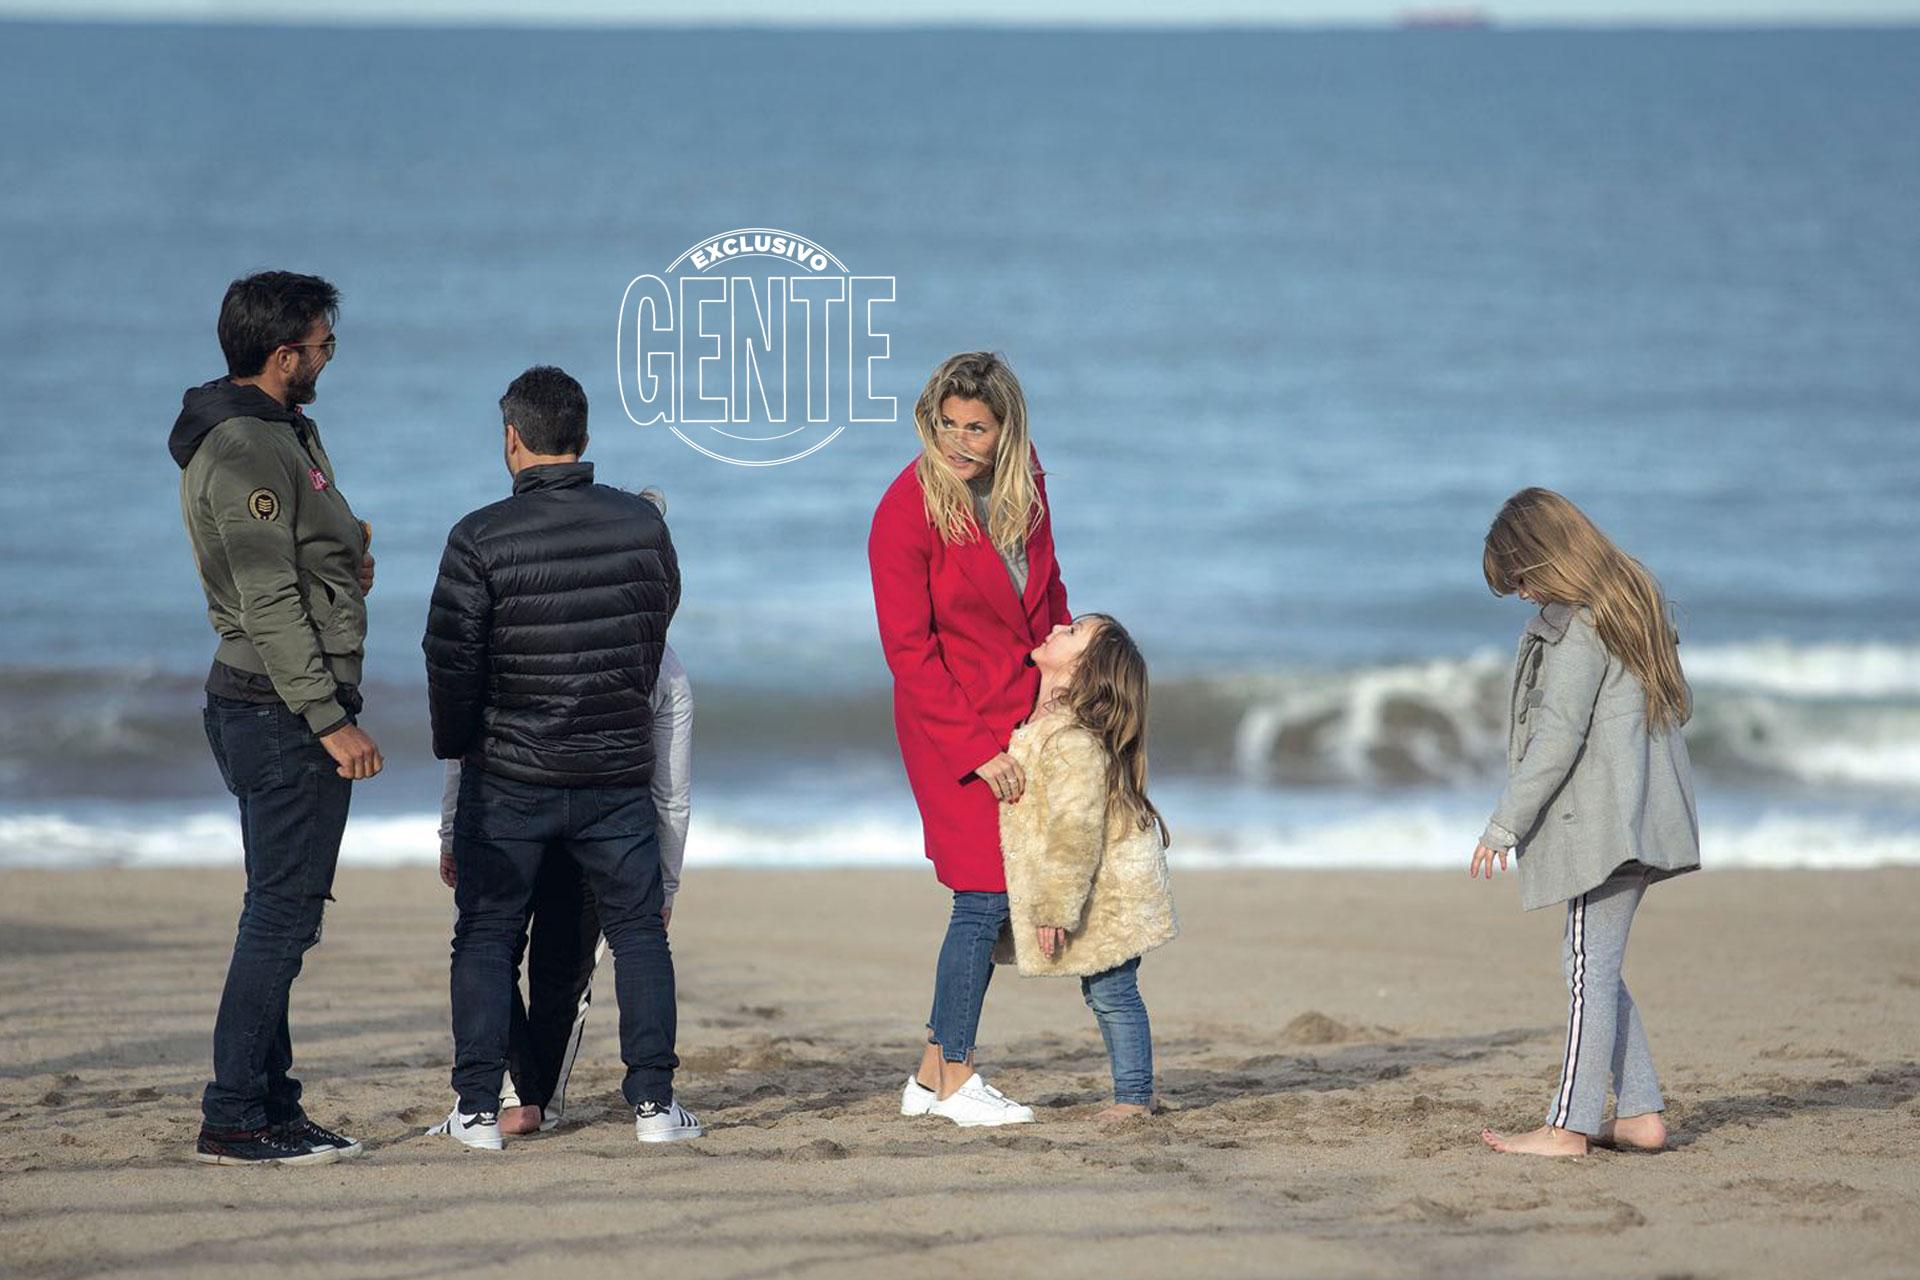 """""""Pese al frío, las nenas quisieron jugar en la playa. Fuimos, caminamos y hasta hicimos algunas piruetas en la arena"""", contó Fabián. (Foto: Christian Heit)"""